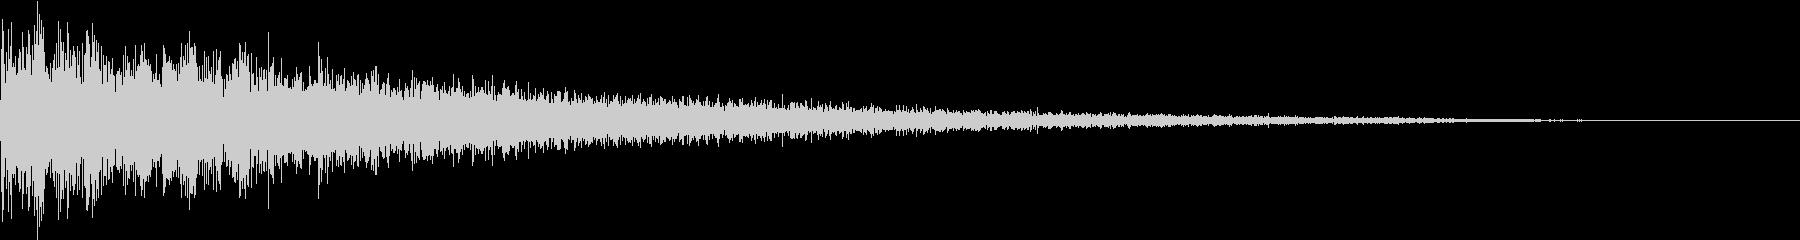 【ゲーム】 ヒット 02 ドヒャーンッの未再生の波形